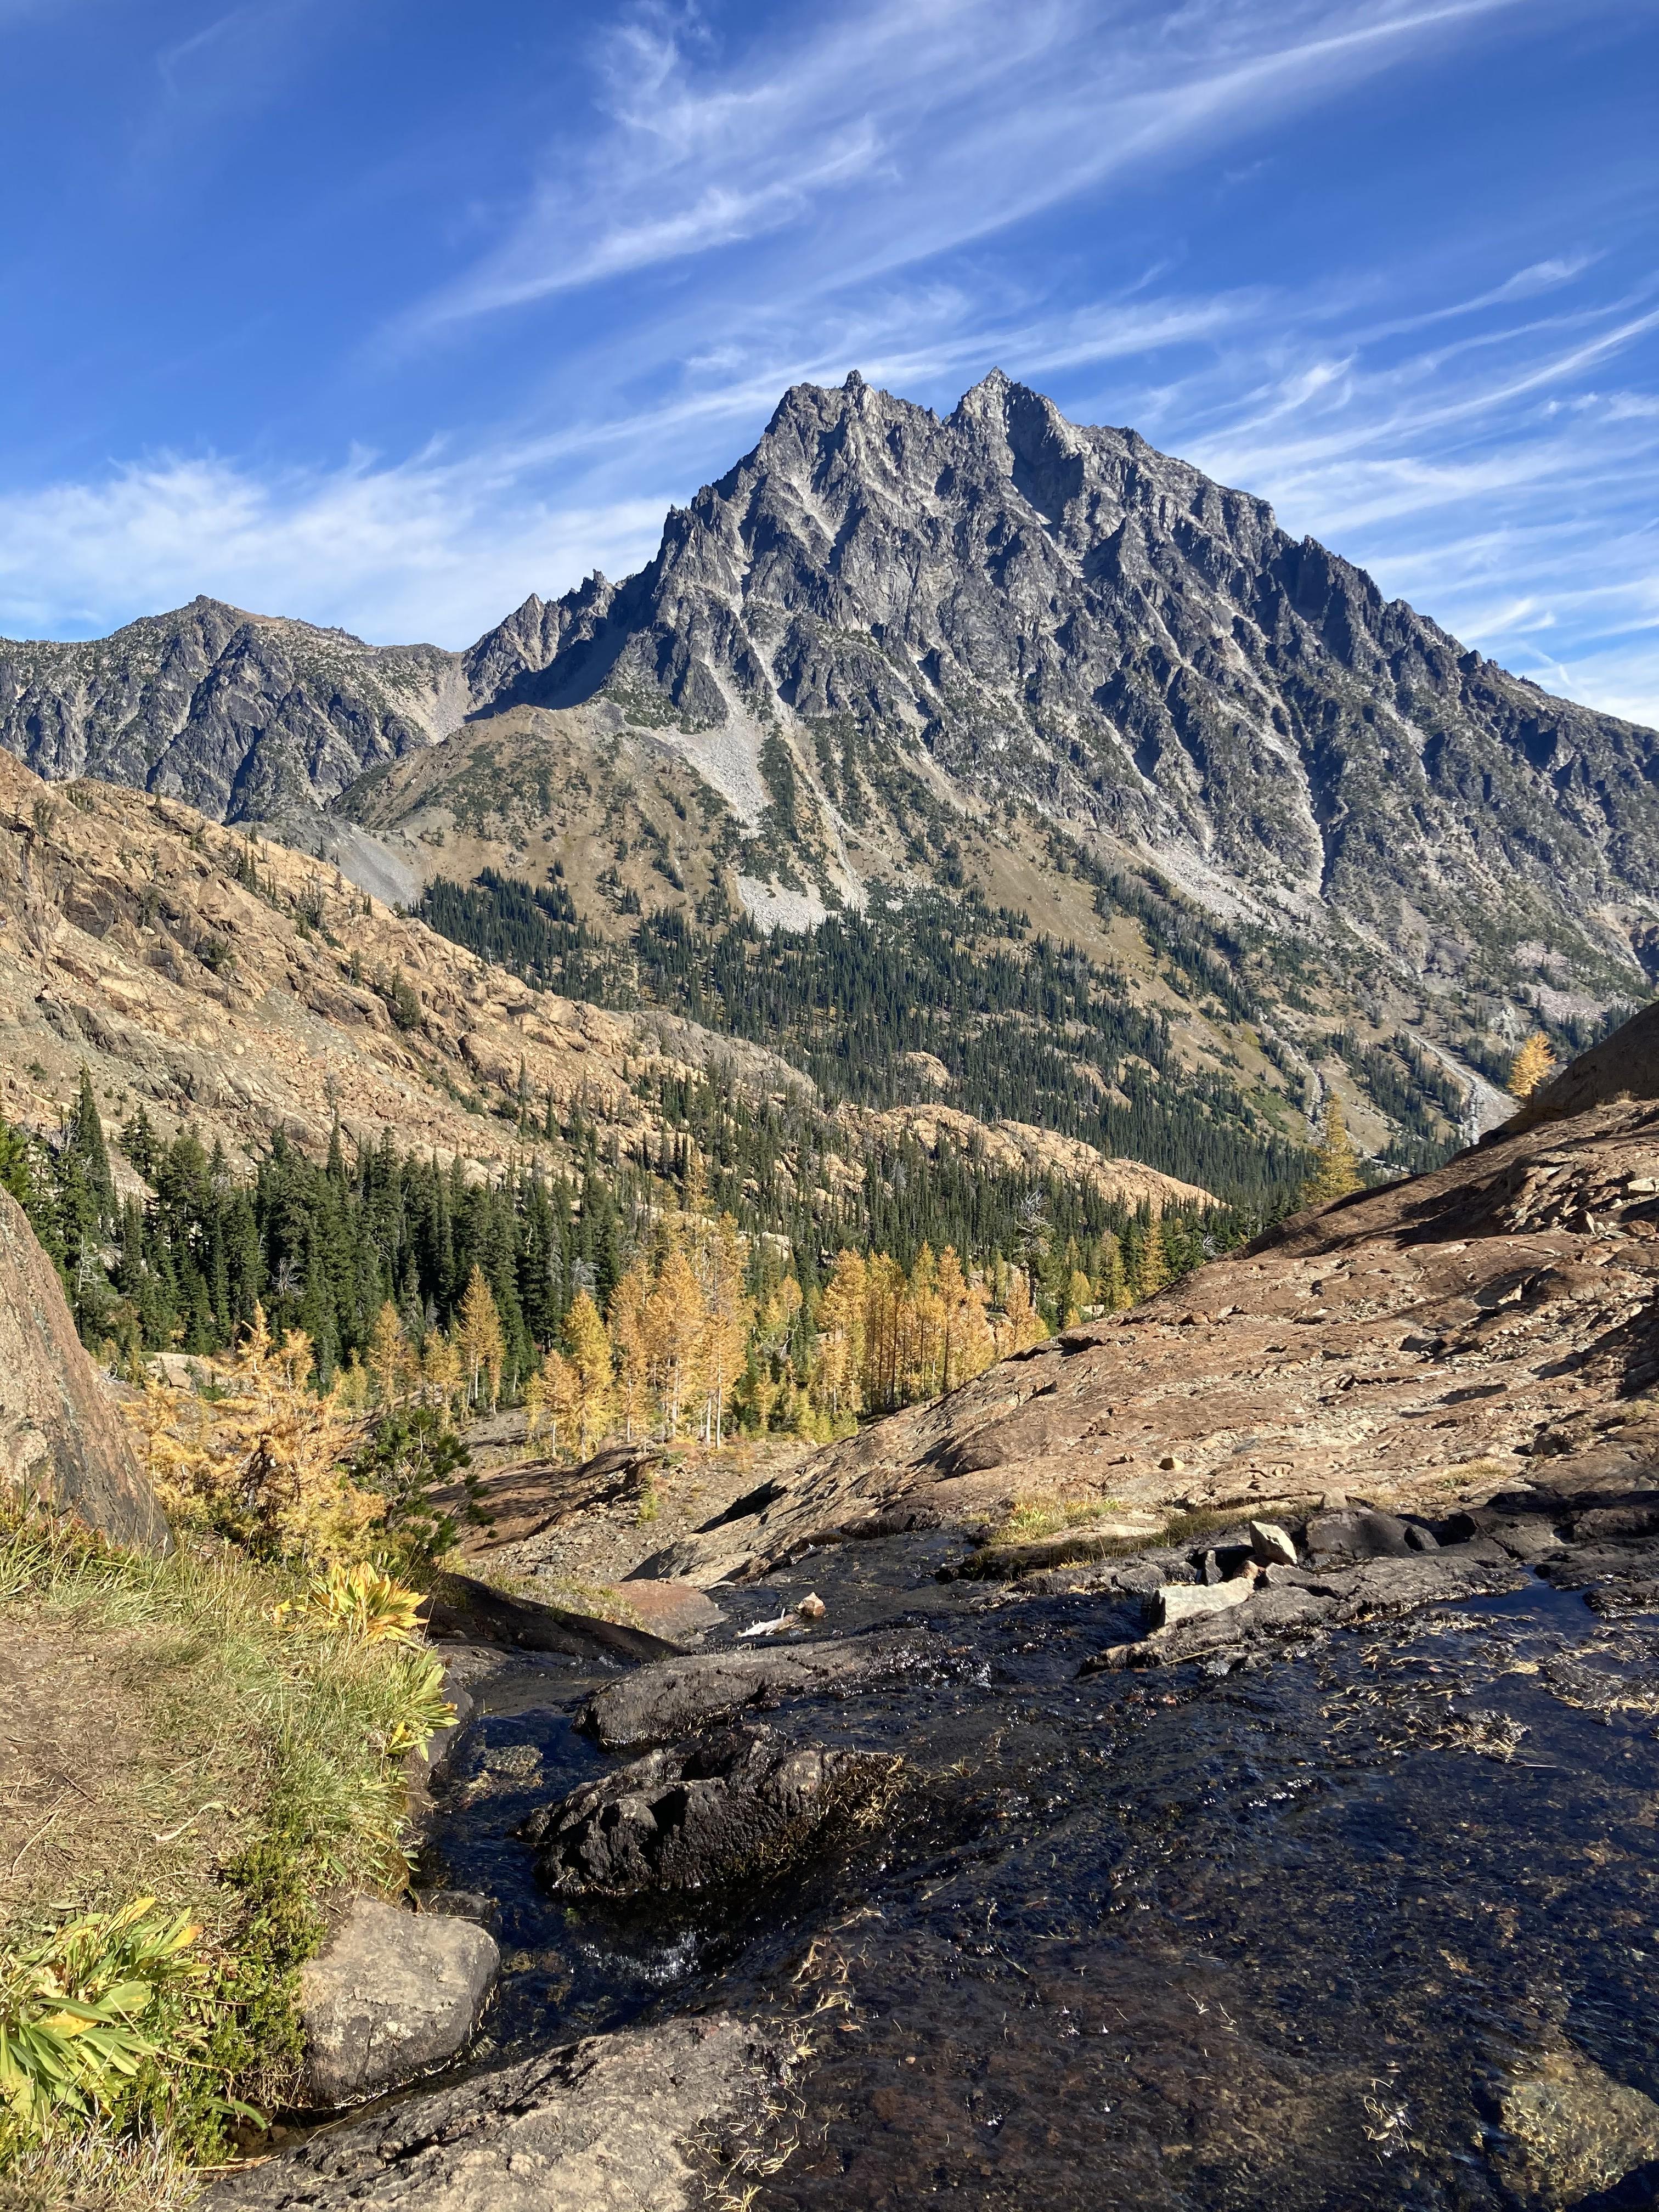 154269 скачать обои Природа, Скалы, Река, Камни, Деревья, Горы - заставки и картинки бесплатно